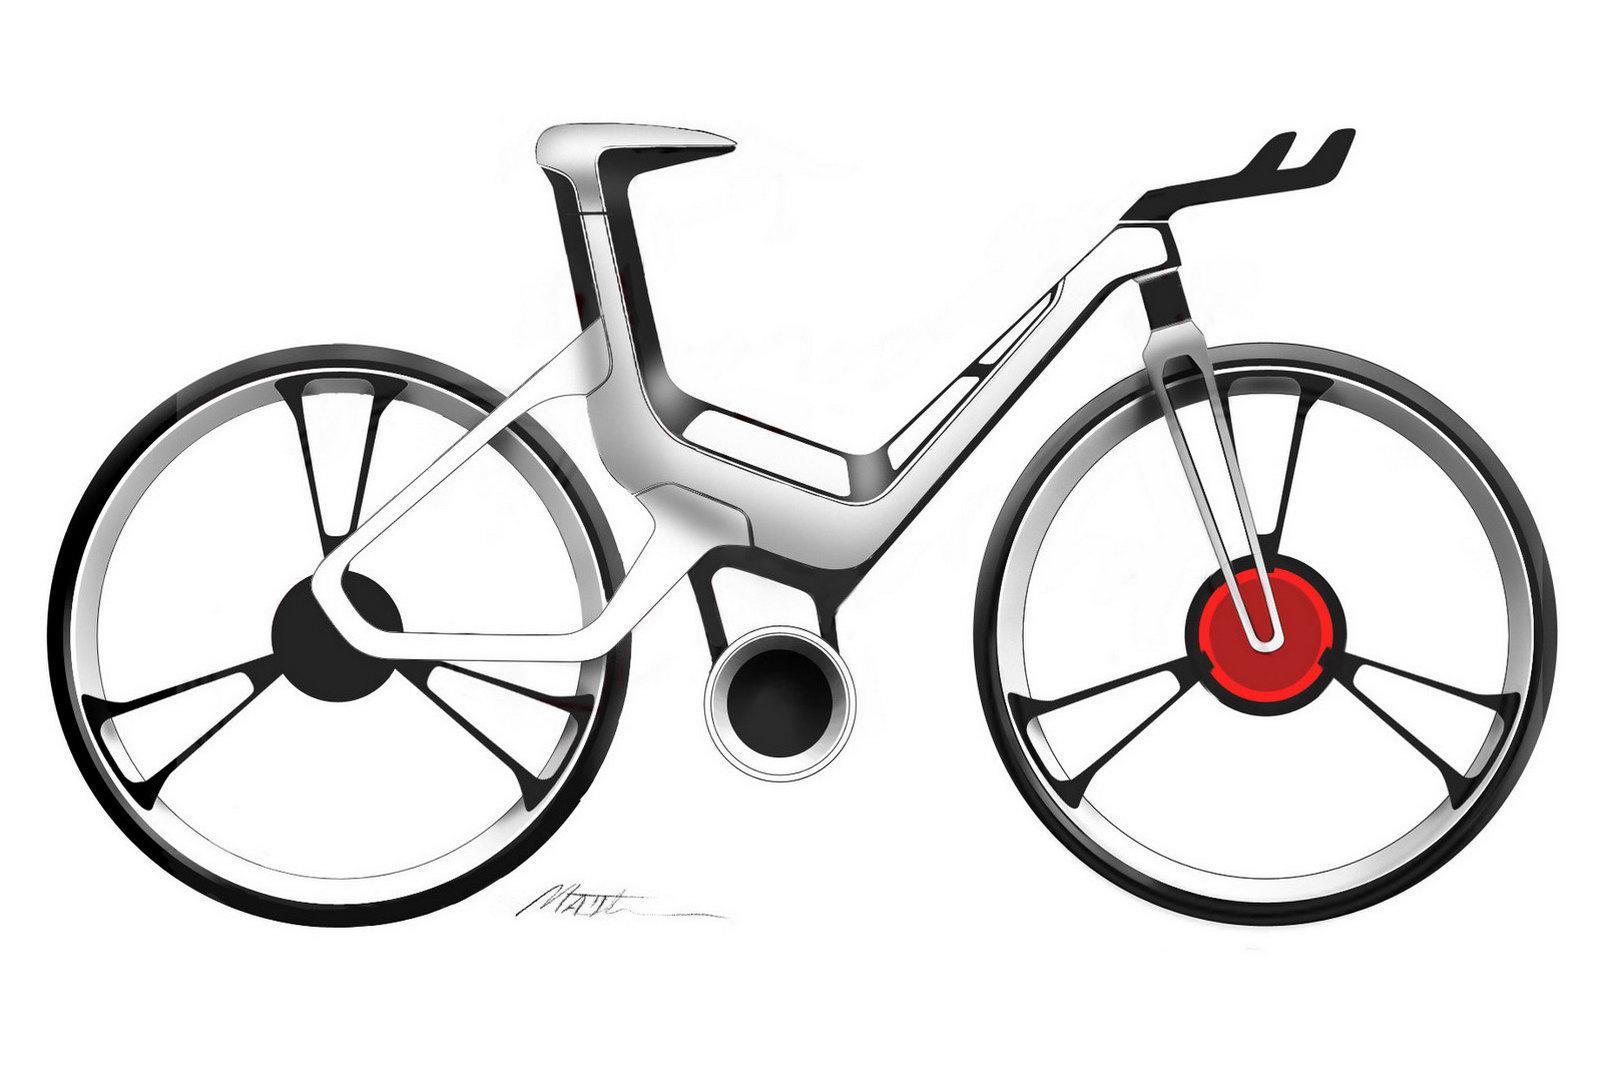 IAA 2011: Ford's Pure Electric E-Bike Concept - Carscoop